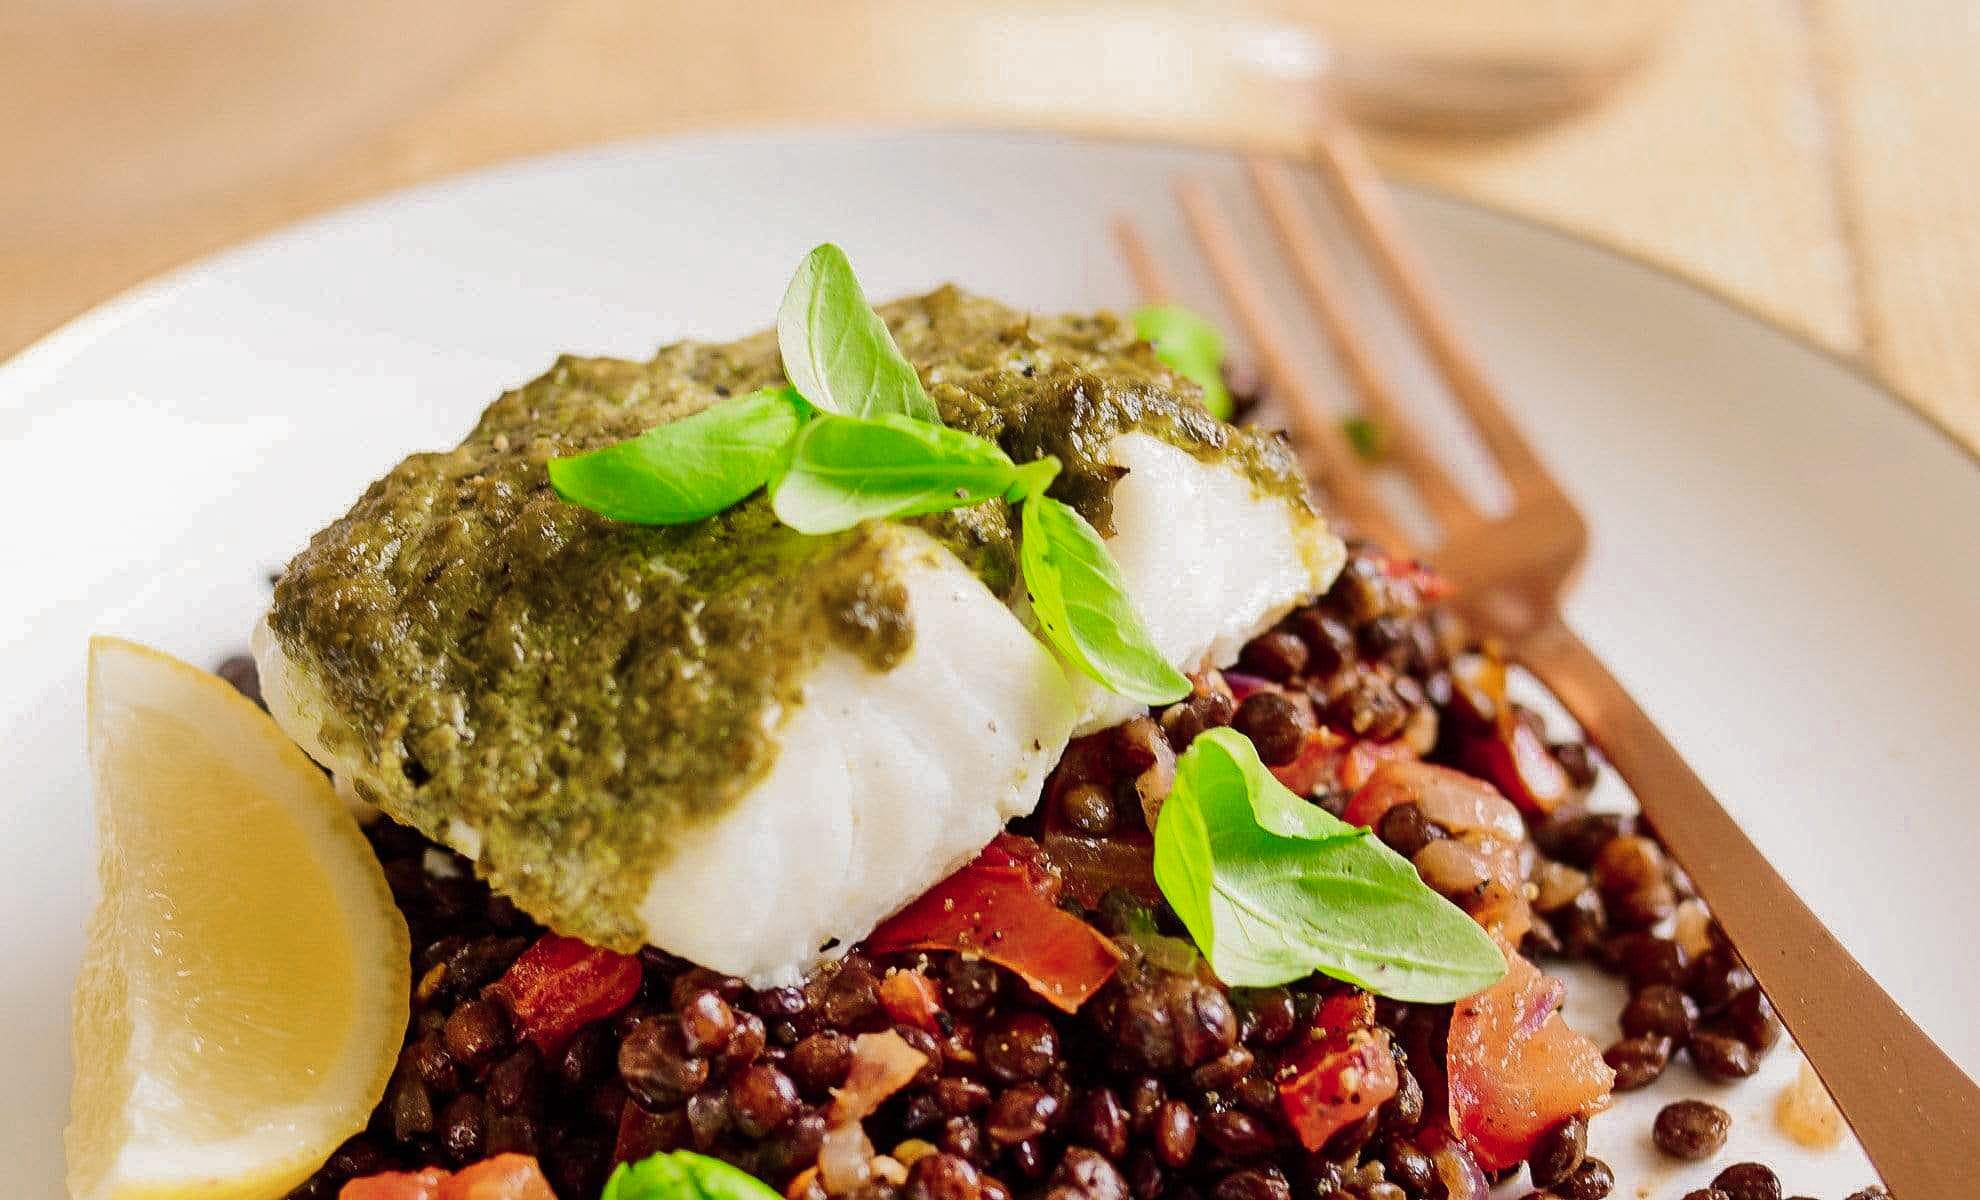 Le filet de cabillaud est recouvert de pesto vert et il est disposé sur un mélange de lentilles et poivrons.